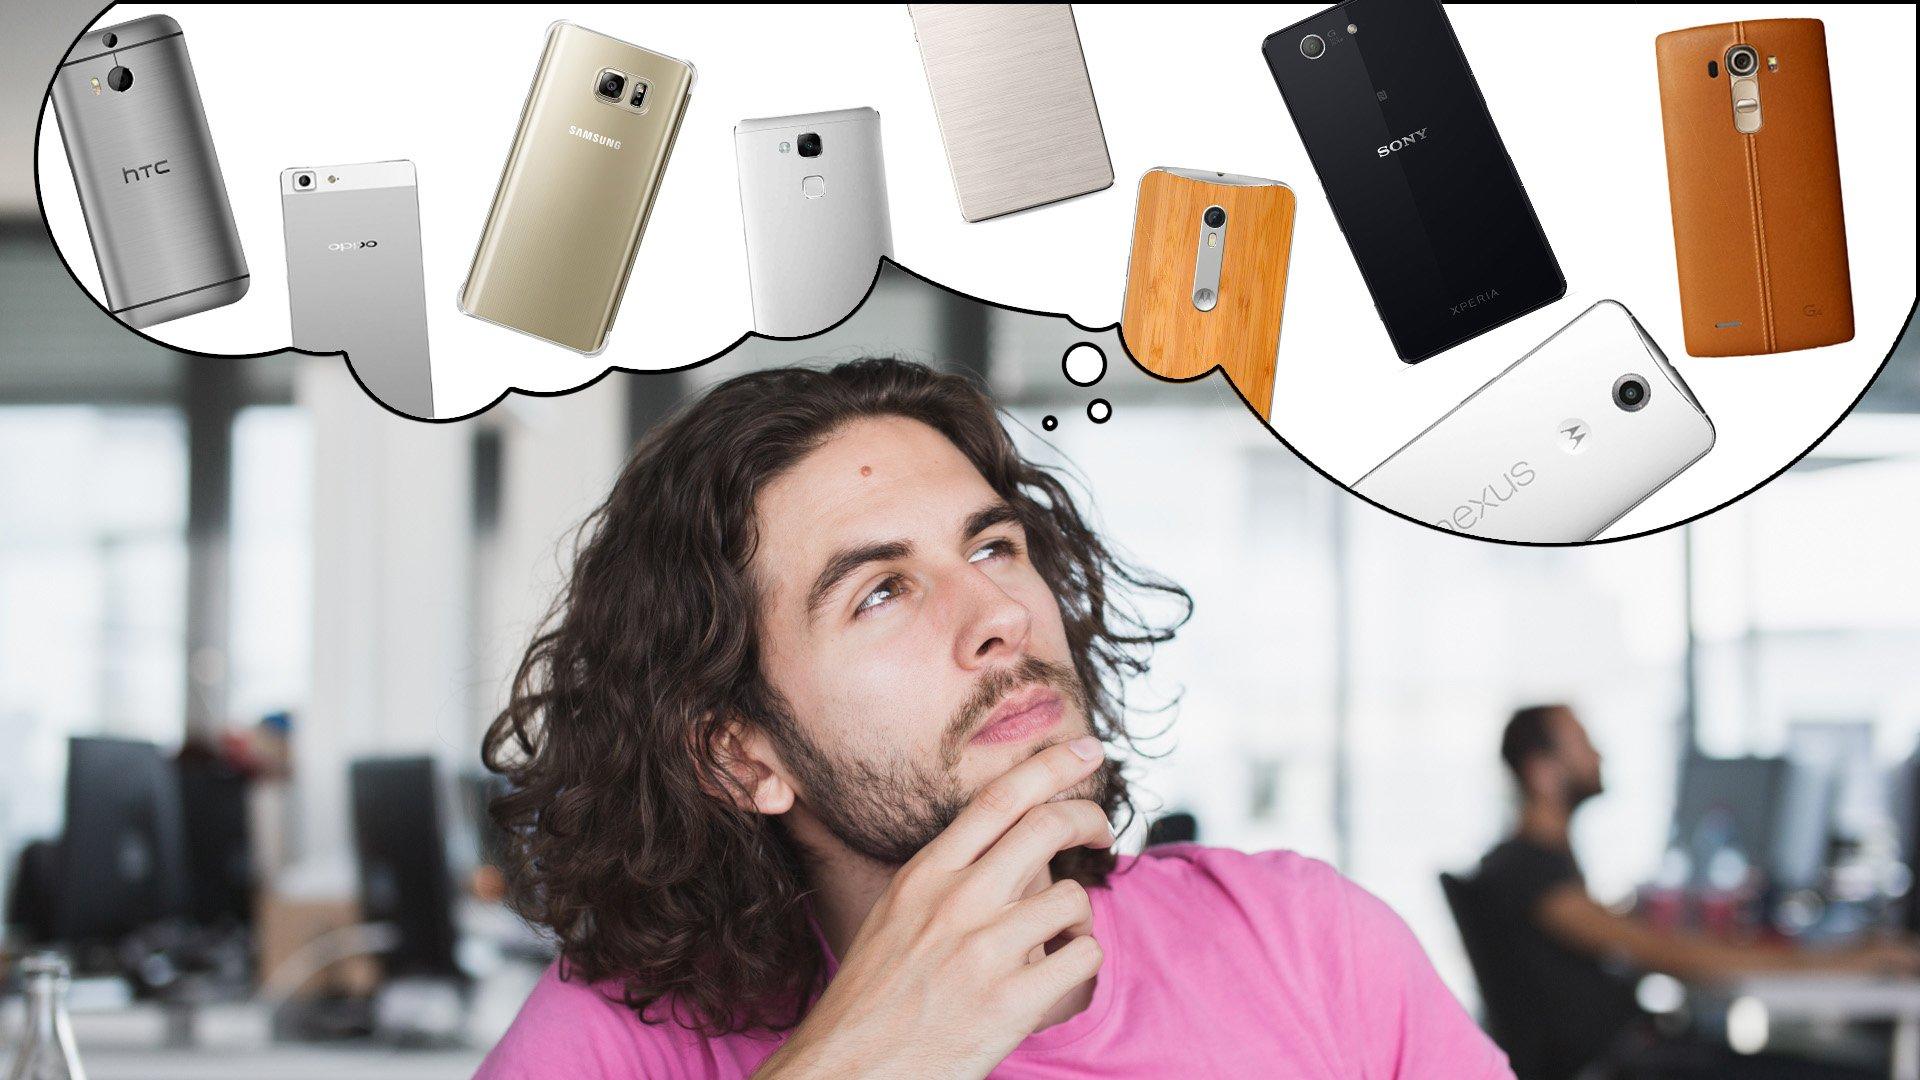 7 نکته ای که در خرید گوشی باید در نظر داشته باشید